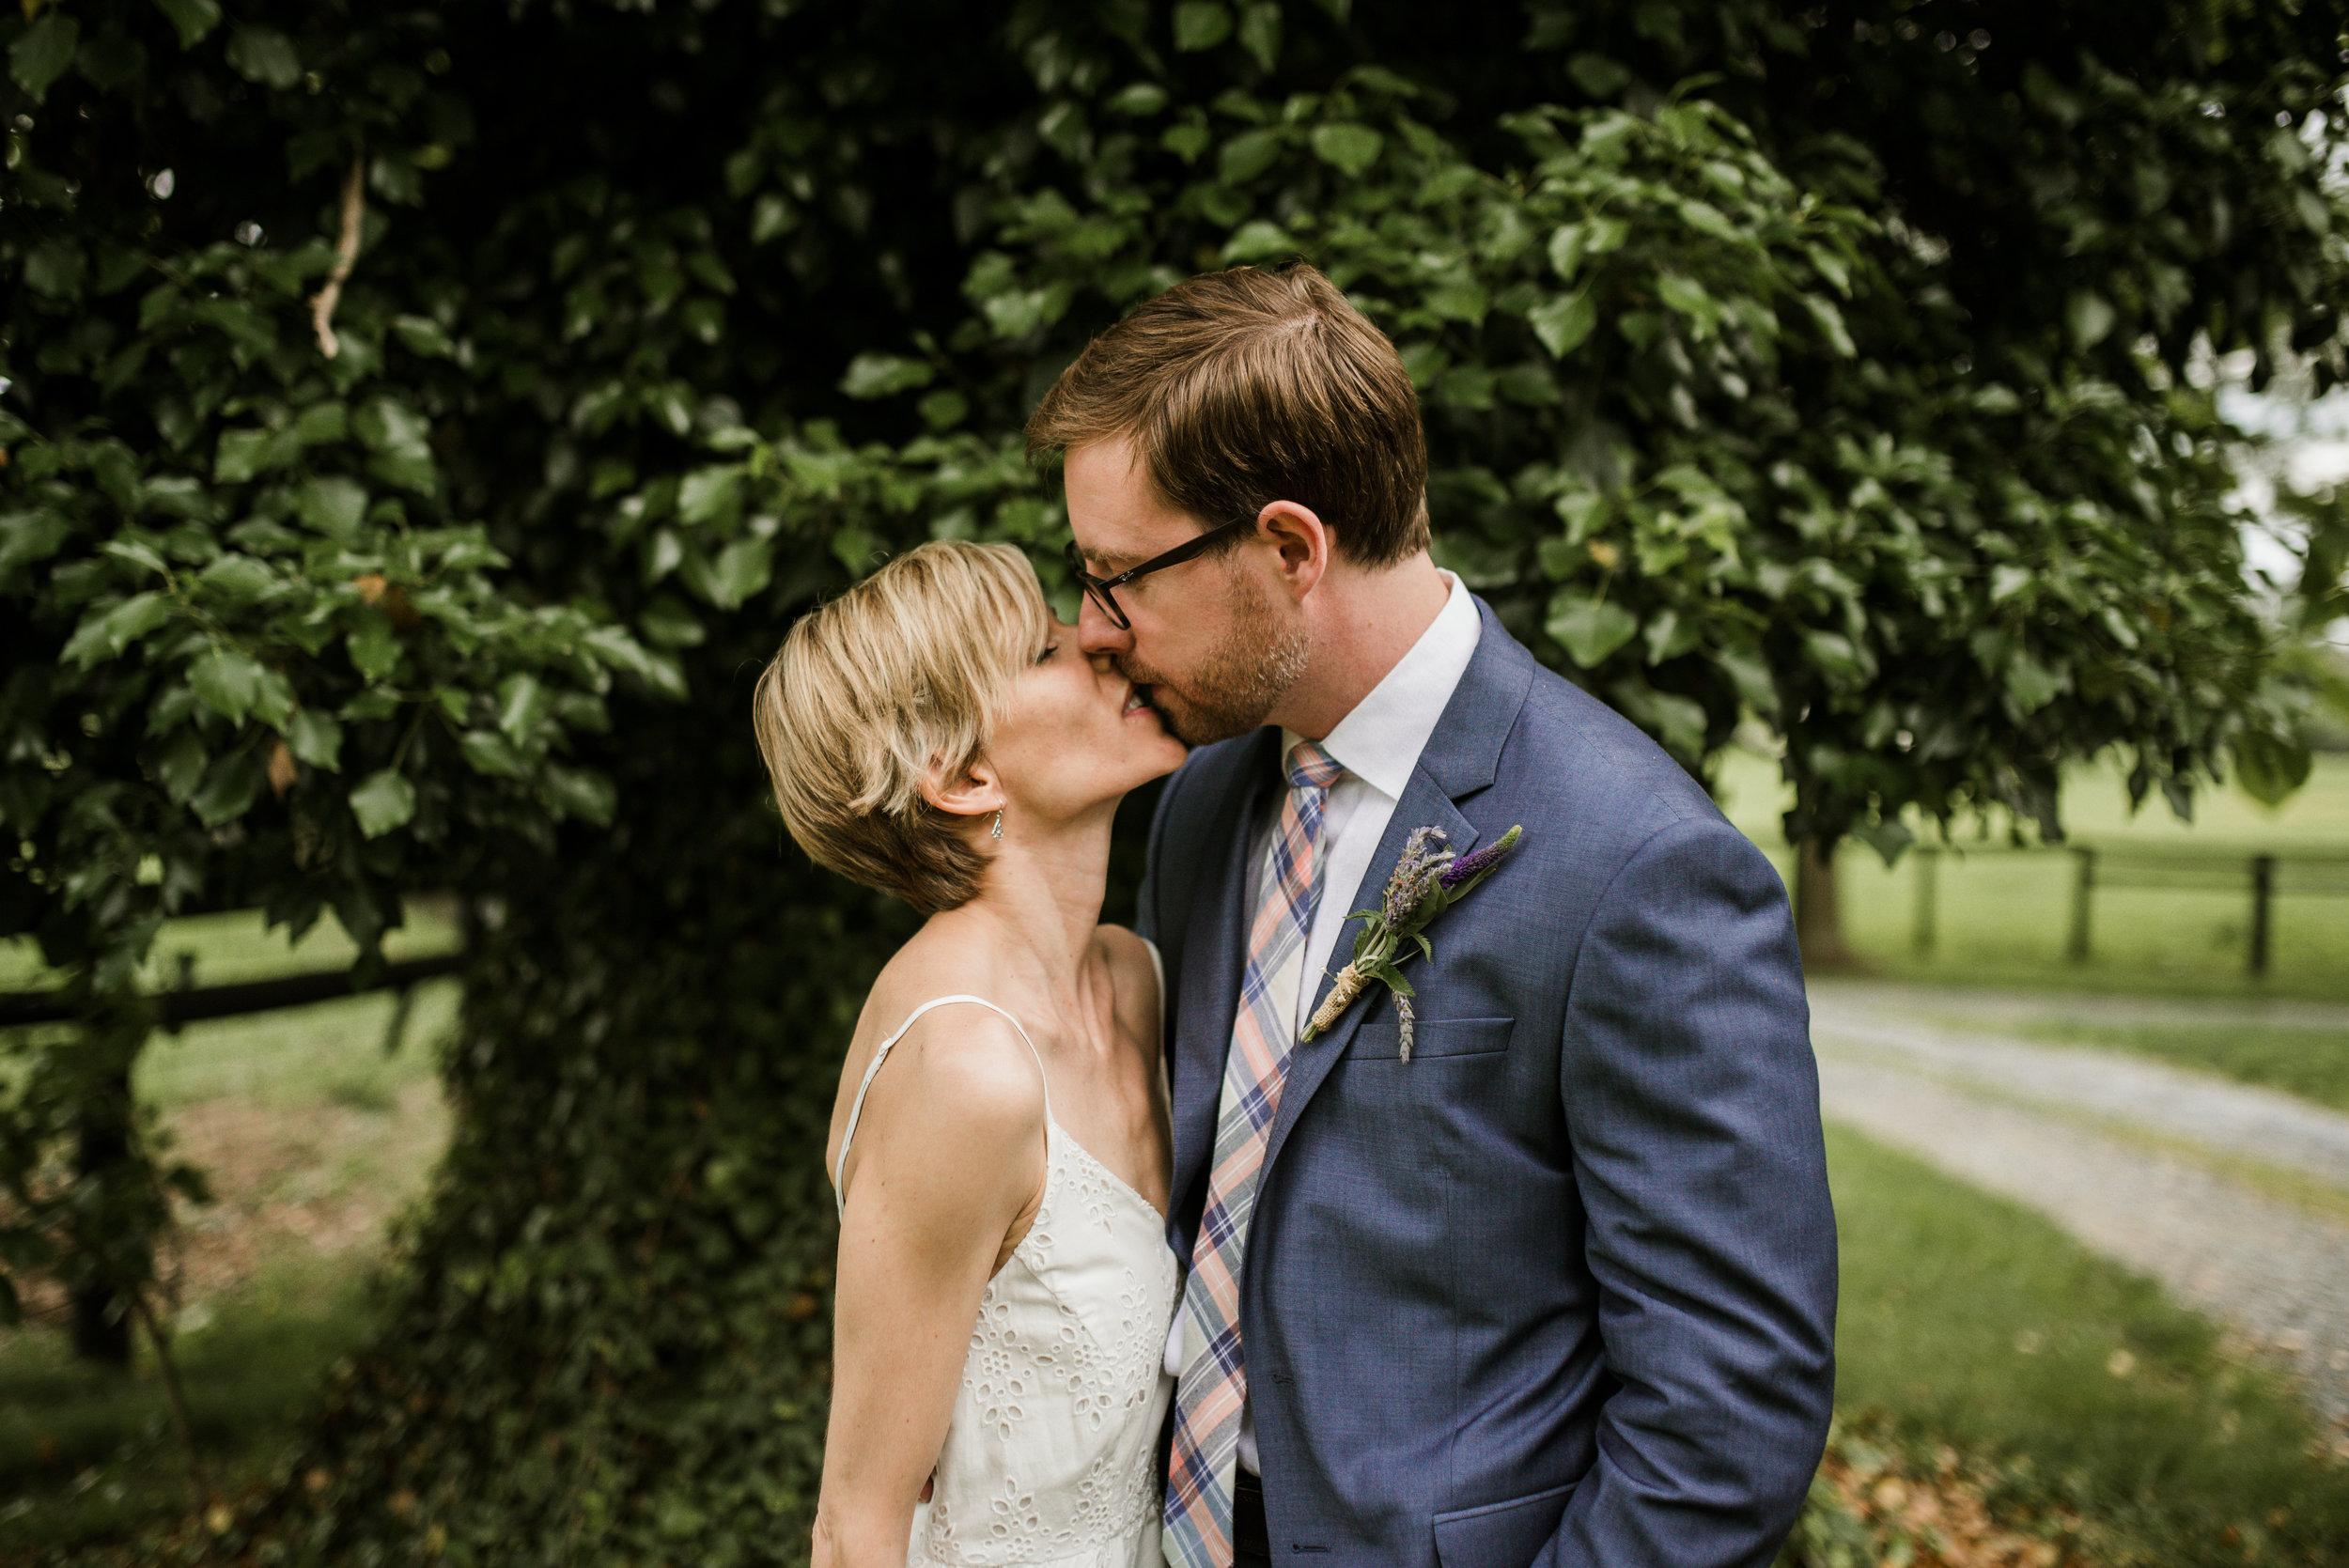 emilybrandonmarylandweddingblog-10.jpg